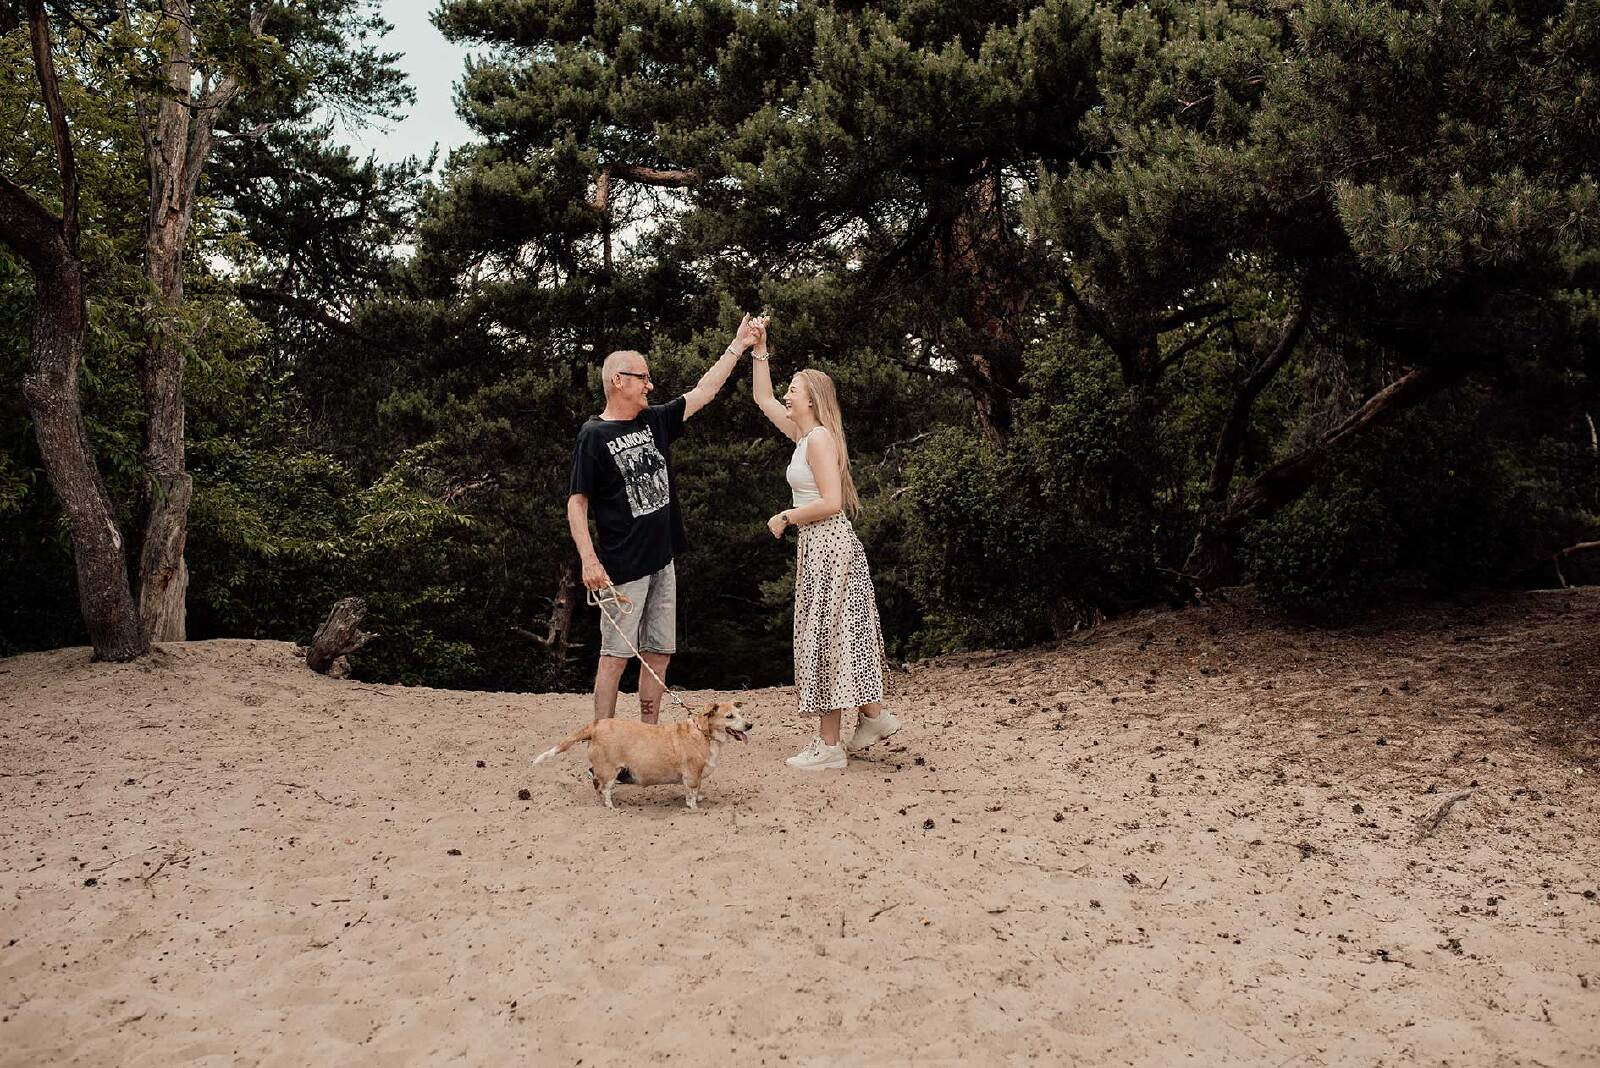 familie fotoshoot Overijssel buiten dansen